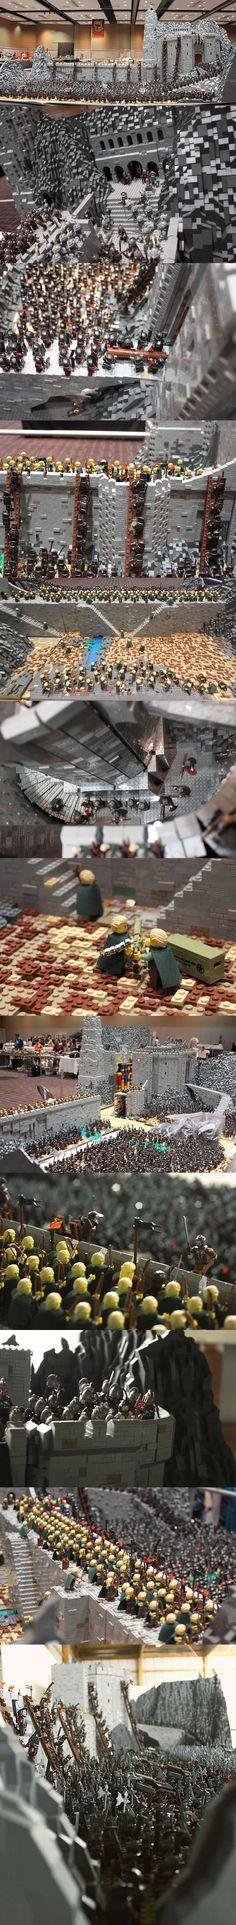 Helms Klamm mit 150.000 Legosteinen nachgebaut | Webfail - Fail Bilder und Fail Videos